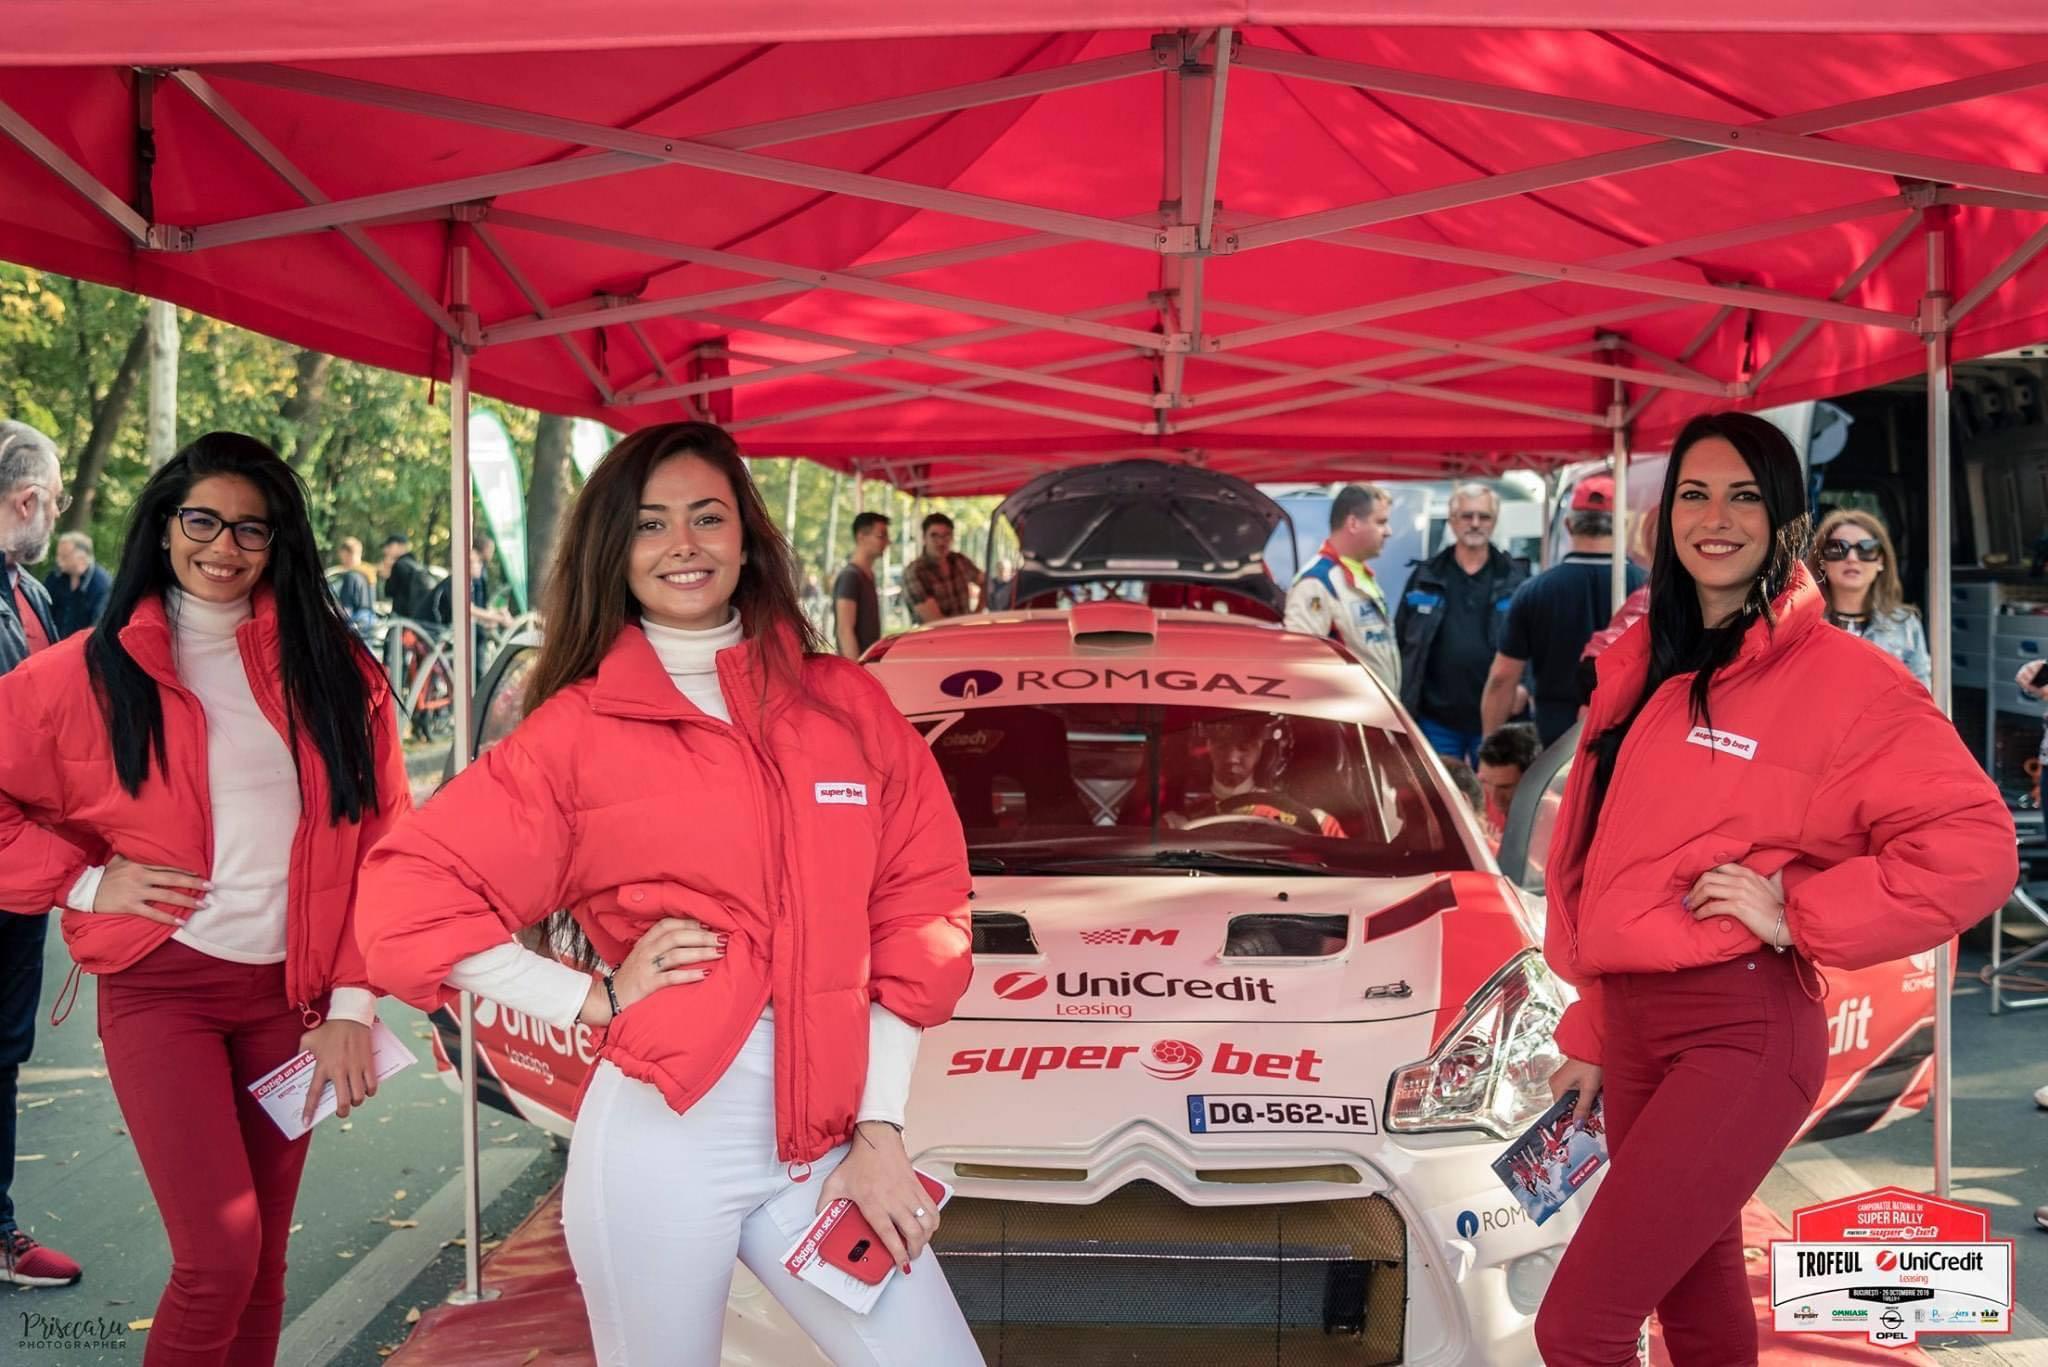 Spectacol lângă Arcul de Triumf, în weekend: fete frumoase şi maşini puternice